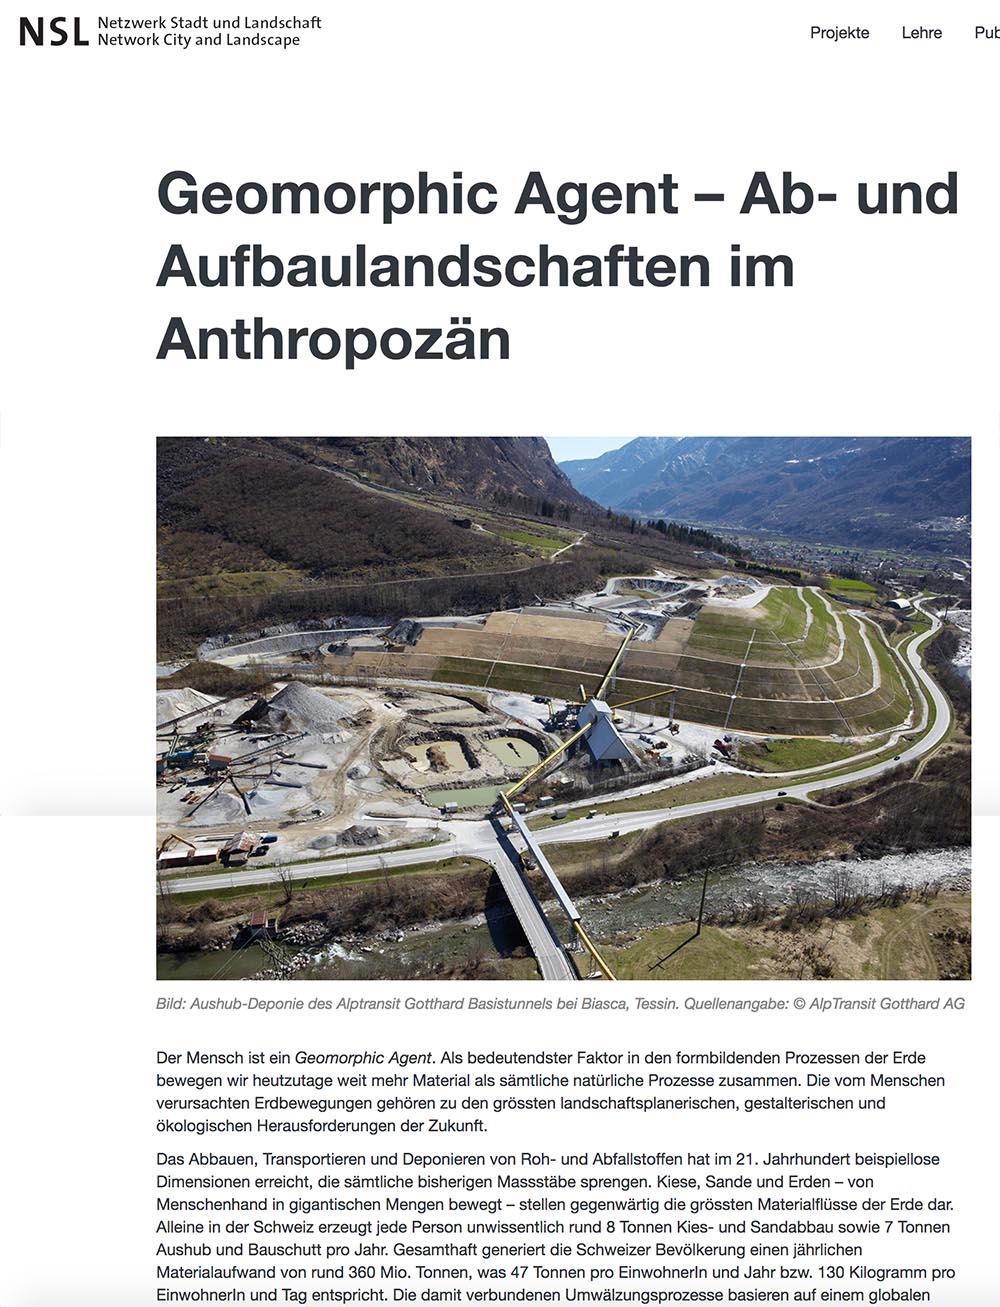 Geomorphic Agent – Ab- und Aufbaulandschaften im Anthropozän  Daia Stutz in: Netzwerk Stadt und Landschaft NSL, Newsletter März 2016